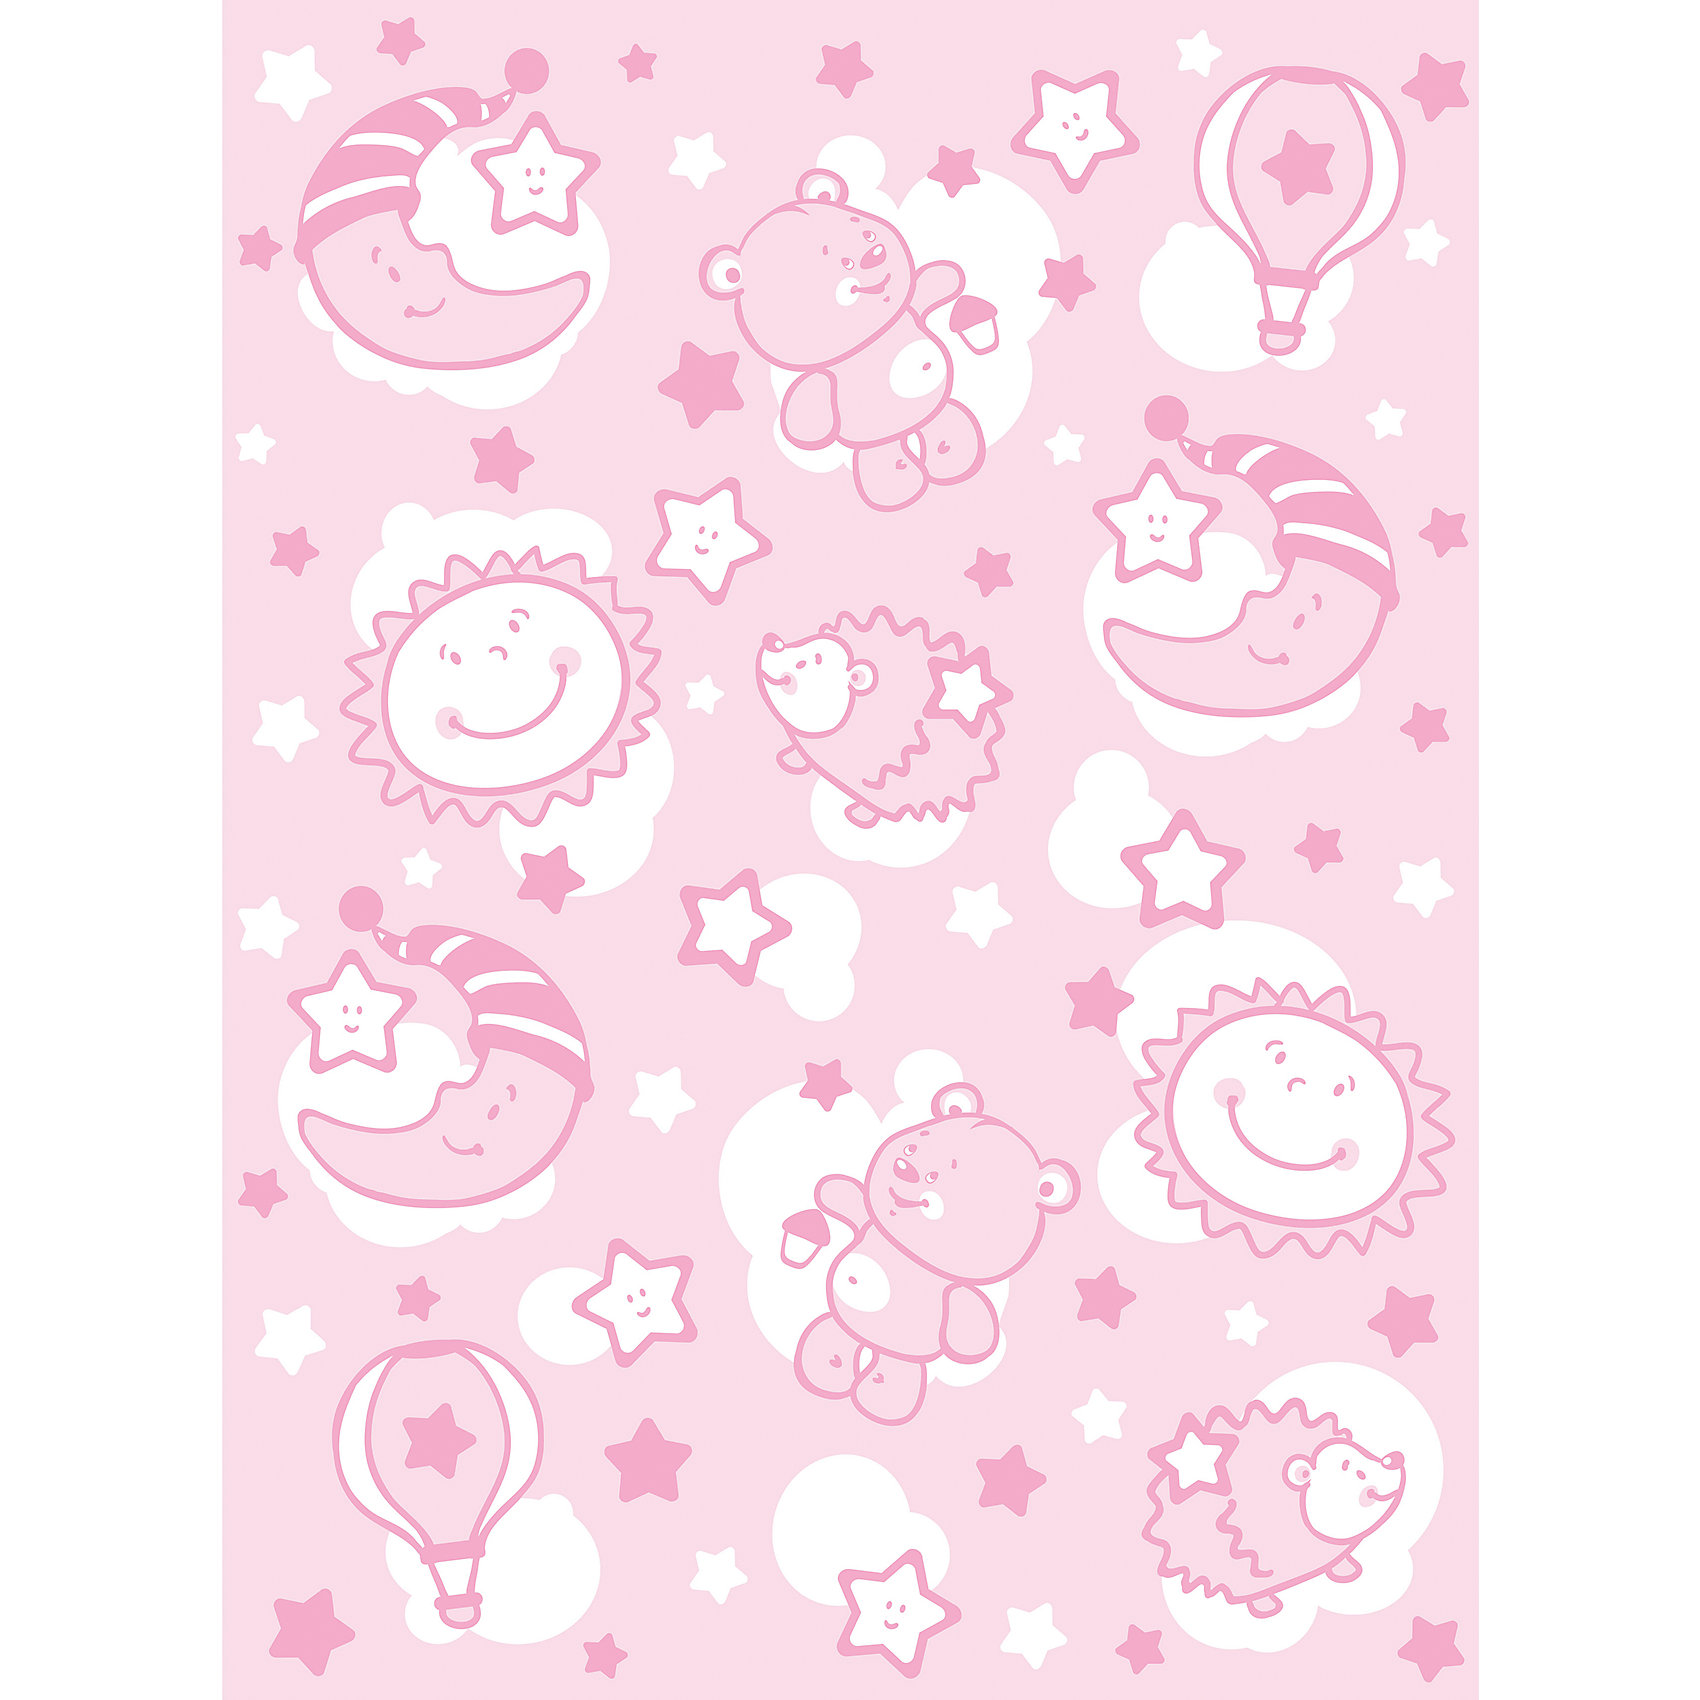 Одеяло байковое Звёздная ночь, 85х115, Baby Nice, розовыйМягкое байковое одеяло Звездная ночь подарит малышам крепкий, комфортный и здоровый сон. Одеяло выполнено из натурального хлопка, прекрасно пропускает воздух, сохраняя при этом тепло, что обеспечивает поддержание комфортного микроклимата как дома, так и на прогулке. Абсолютно гипоаллергенное, идеально подходит для новорожденных детей. <br><br>Дополнительная информация:<br><br>- Материал: хлопок 100%, жаккард.<br>- Размер: 115х85 см. <br>- Отделка: оверлок.<br>- Цвет: розовый.<br>- Декоративные элементы: принт.<br>- Одностороннее.  <br>- Стирка: машинная при 40 ?. <br><br>Одеяло байковое Звёздная ночь, 85х115, Baby Nice (Беби Найс), розовое, можно купить в нашем магазине.<br><br>Ширина мм: 40<br>Глубина мм: 5<br>Высота мм: 30<br>Вес г: 500<br>Возраст от месяцев: 0<br>Возраст до месяцев: 60<br>Пол: Женский<br>Возраст: Детский<br>SKU: 4058251